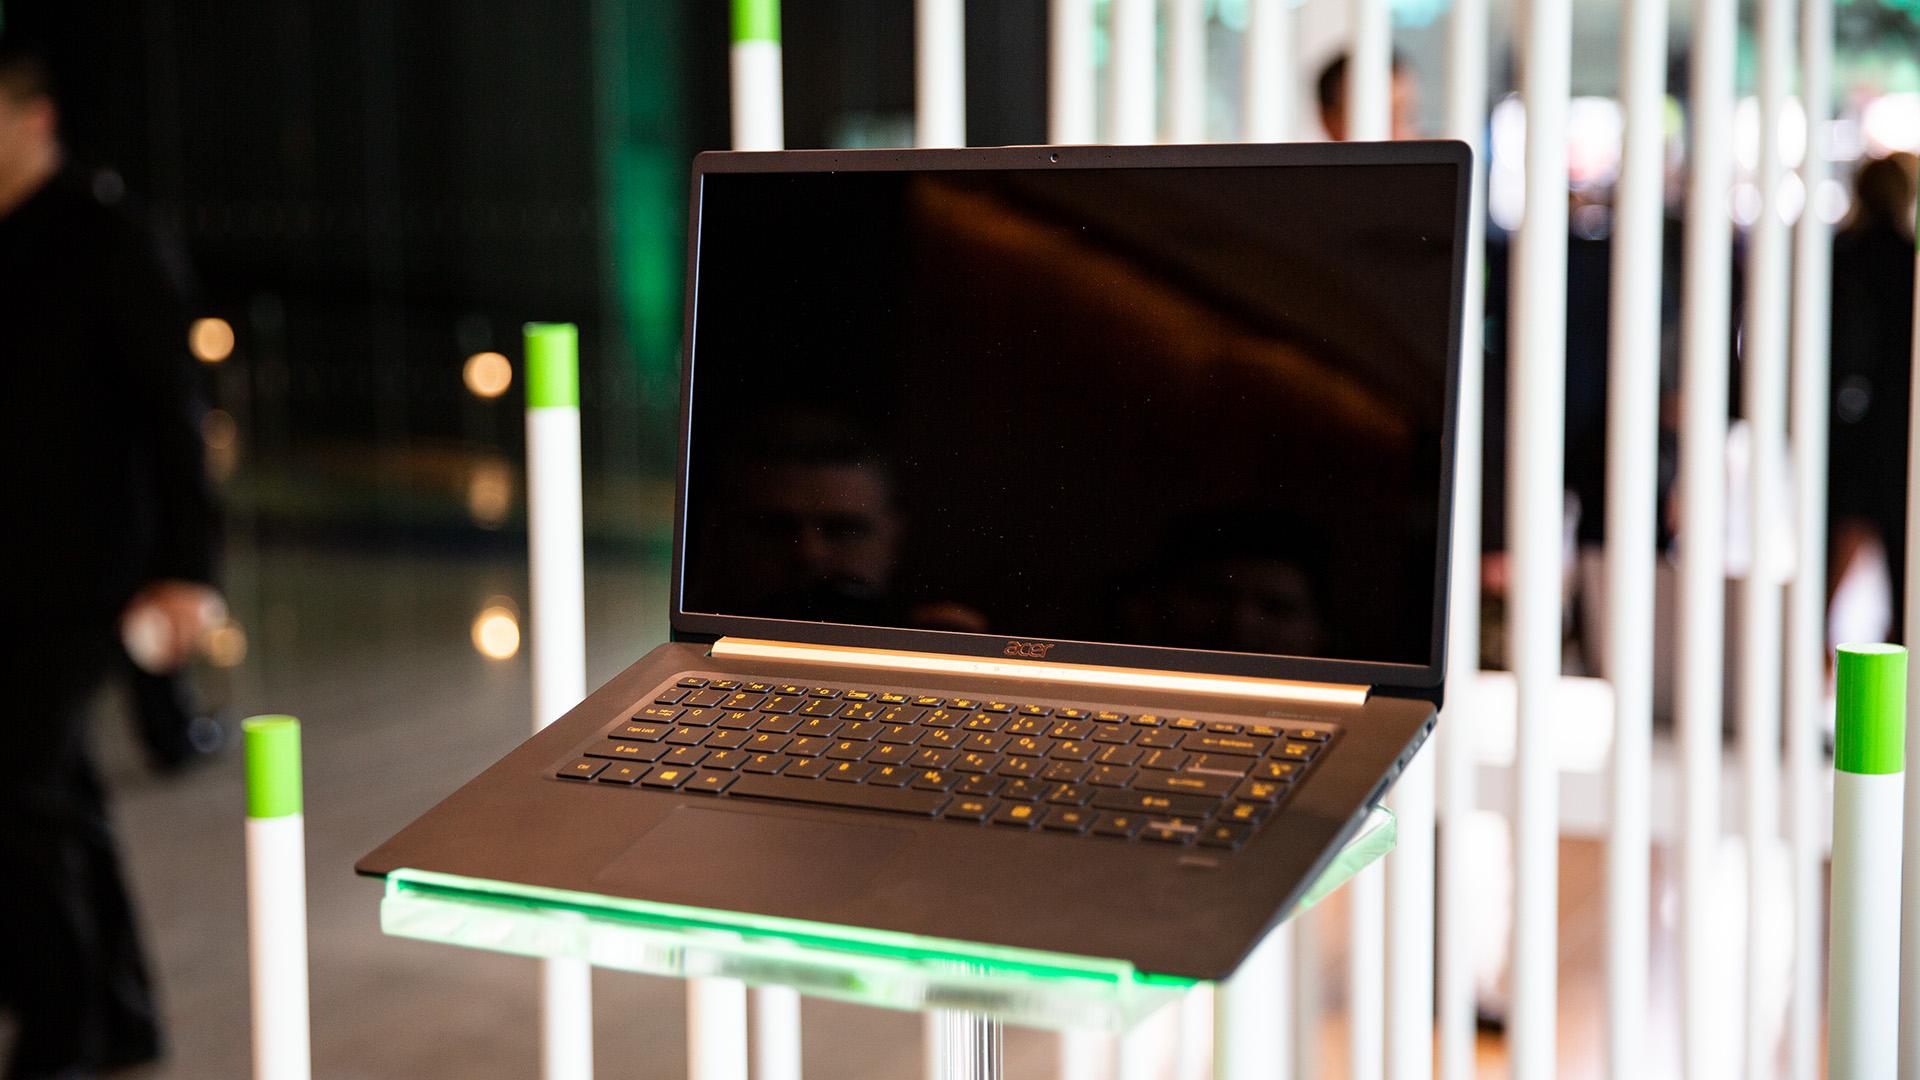 Acer-Portfolio 2018: Nitro-Gaming-PCs mit Ryzen und viele neue Notebooks - Das Acer Swift 5 wird jedoch nicht vor Herbst erscheinen. (Bild: Robert Kern/Golem.de)